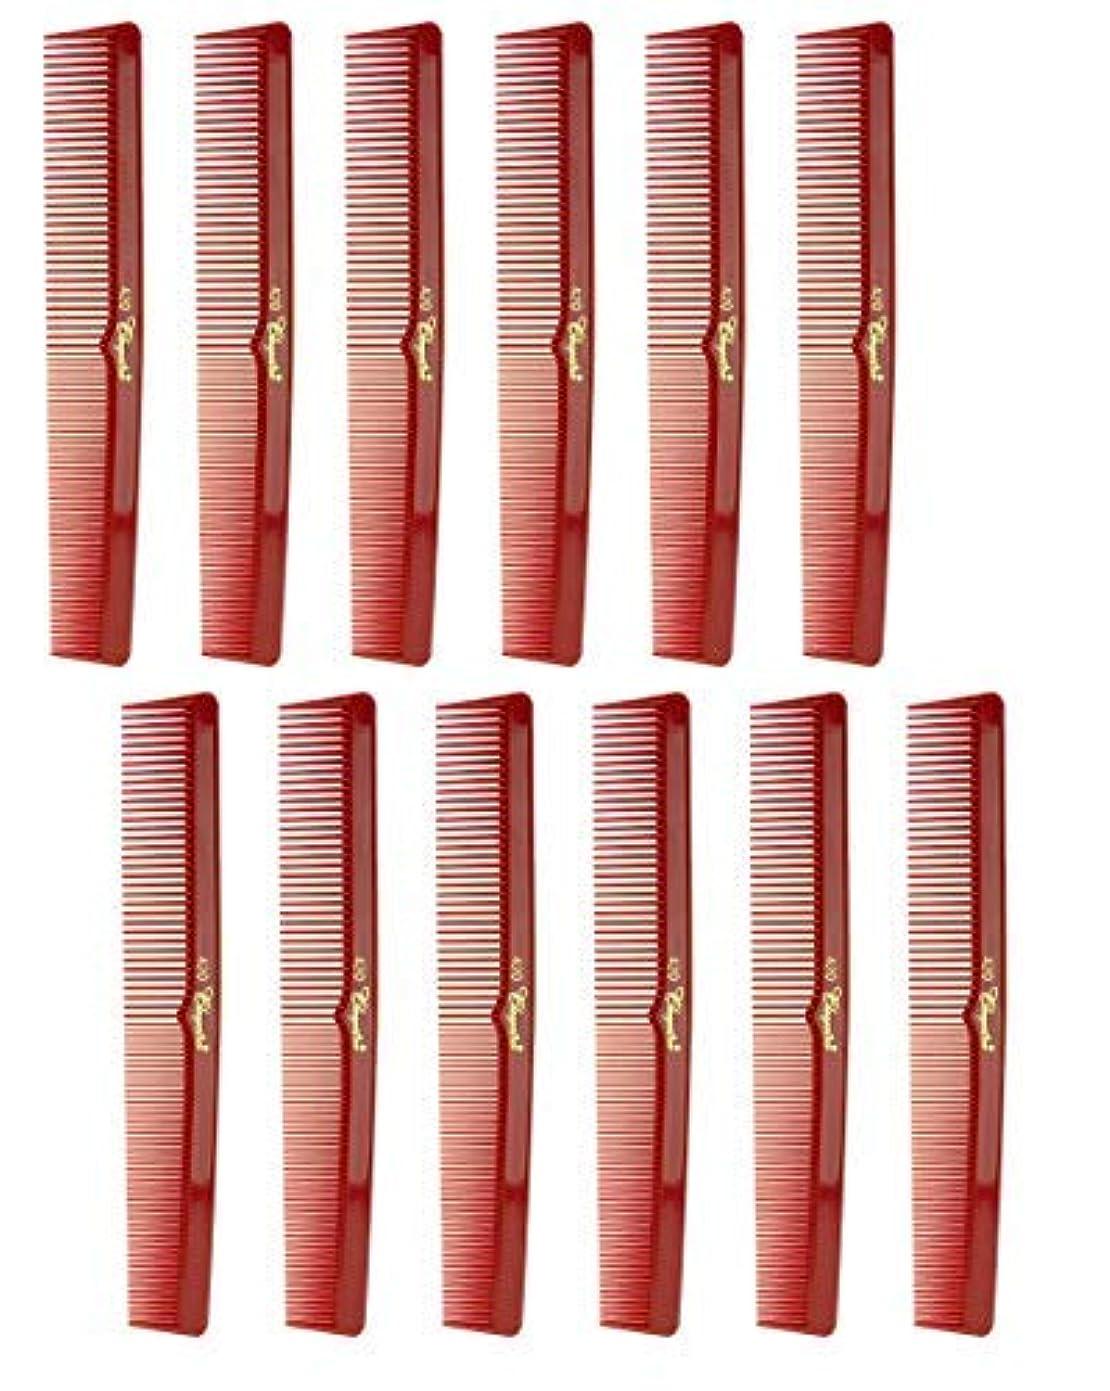 誘発する骨の折れる出撃者7 Inch Hair Cutting Comb. Barber's & Hairstylist Combs. Red. 1 DZ. [並行輸入品]